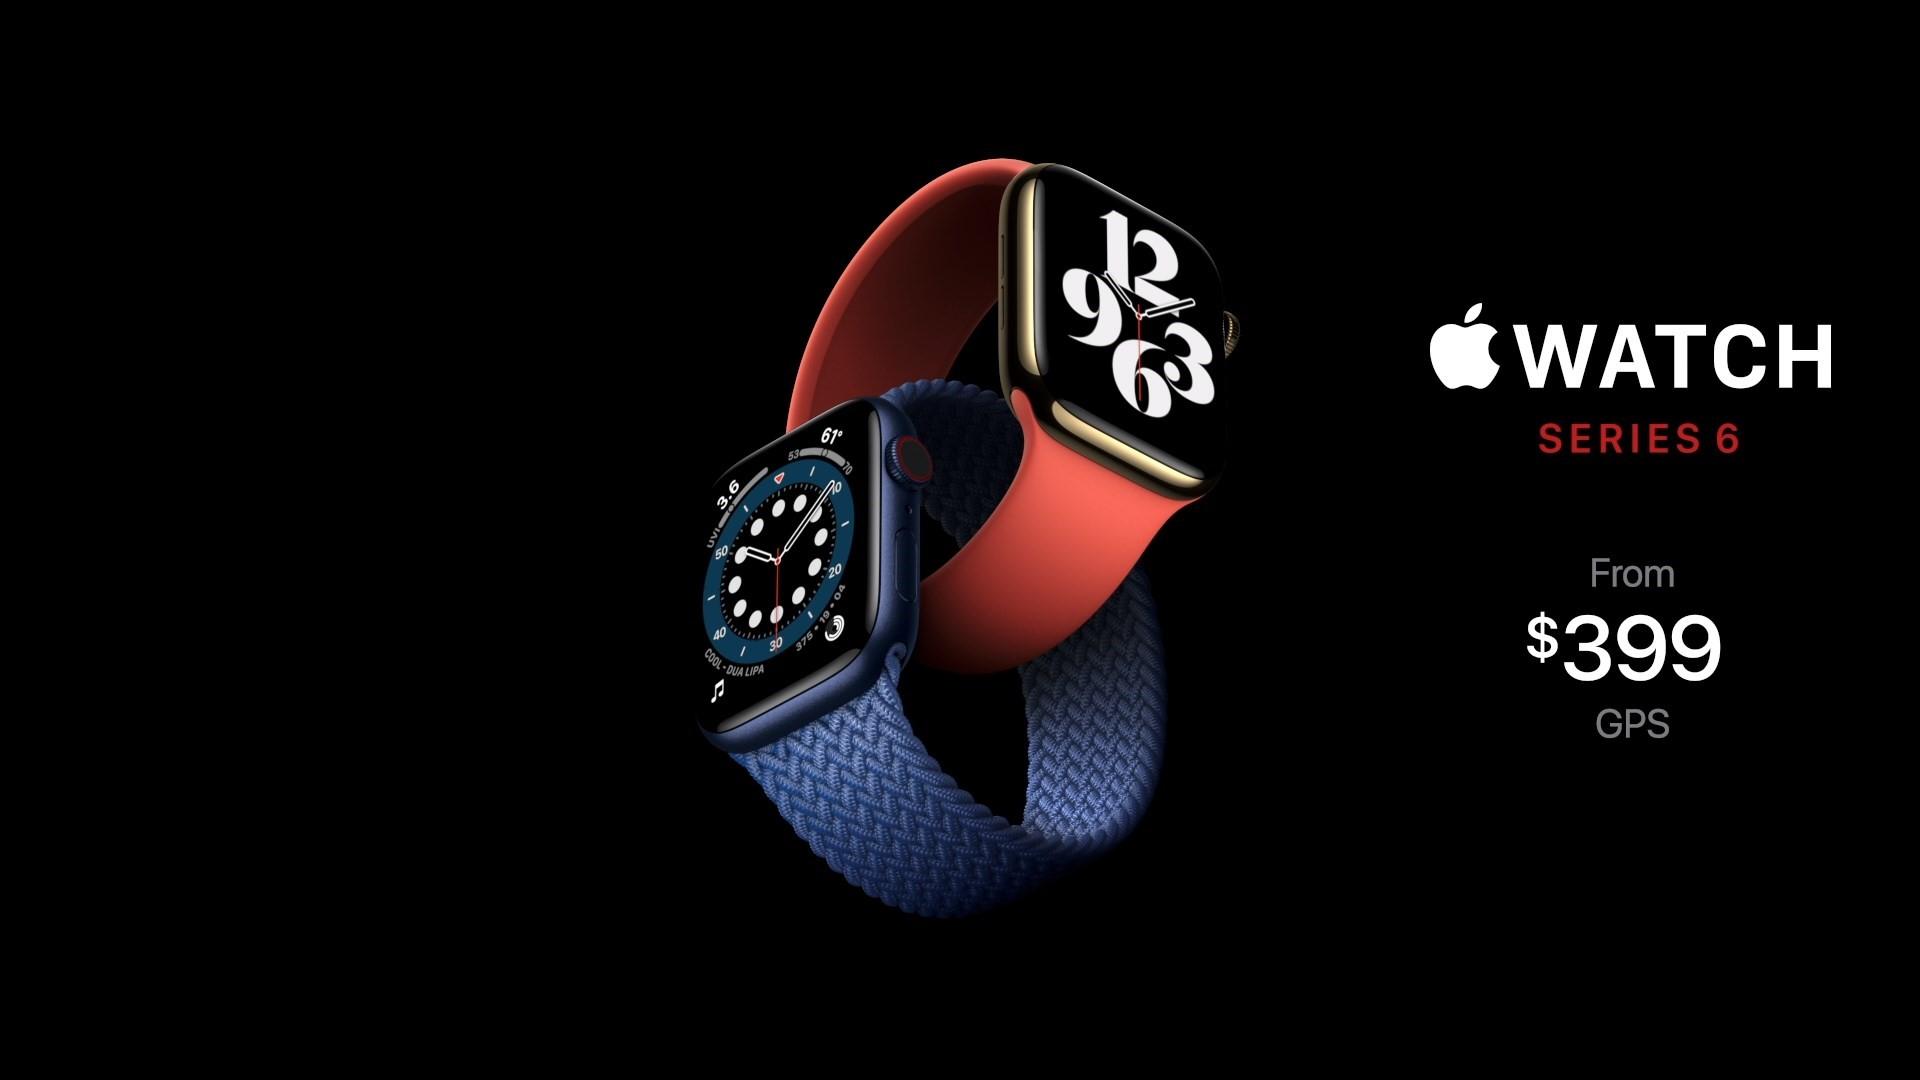 Cận cảnh Apple Watch Series 6: Đo được nồng độ oxy trong máu, thêm nhiều màu sắc, giá từ 9 triệu đồng - Ảnh 3.